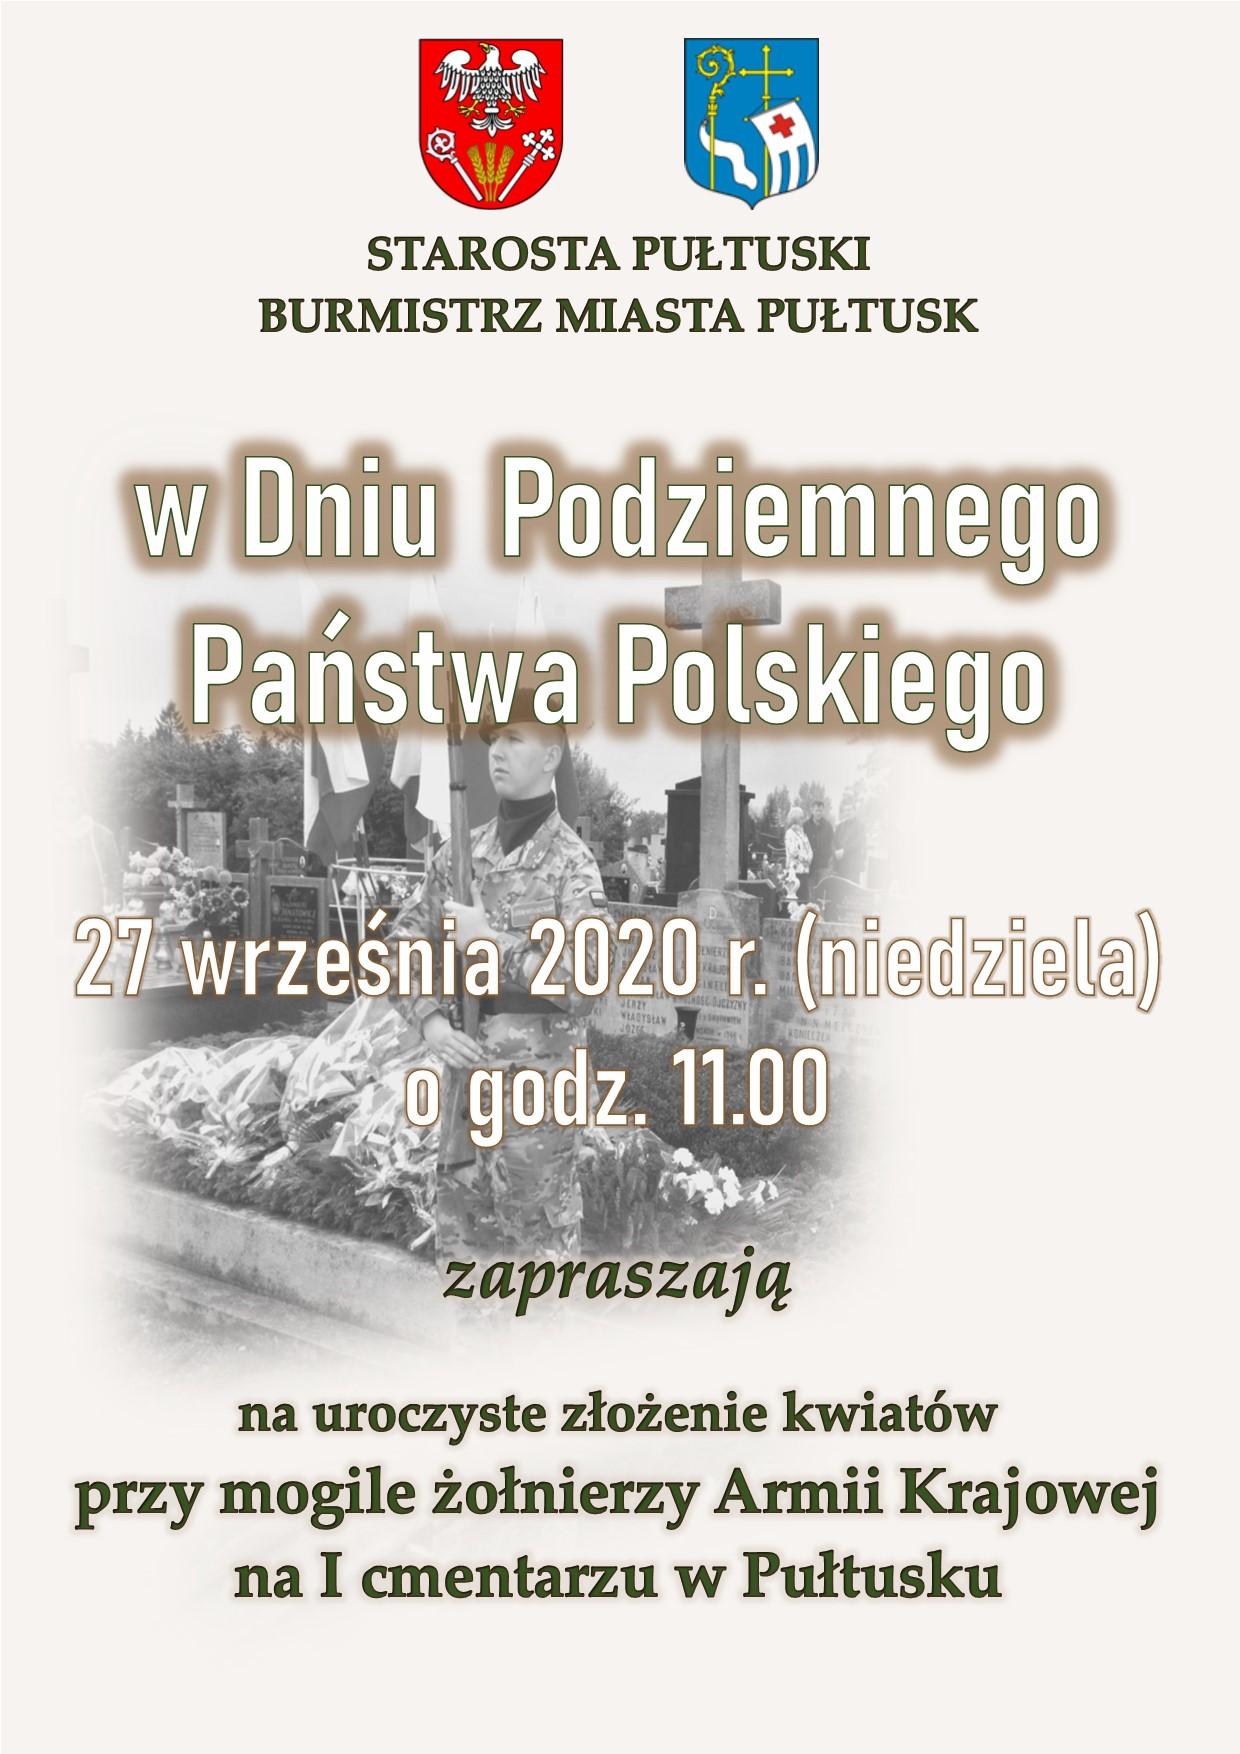 27.09 Dzień Podziemnego Państwa Polskiego Pułtusk